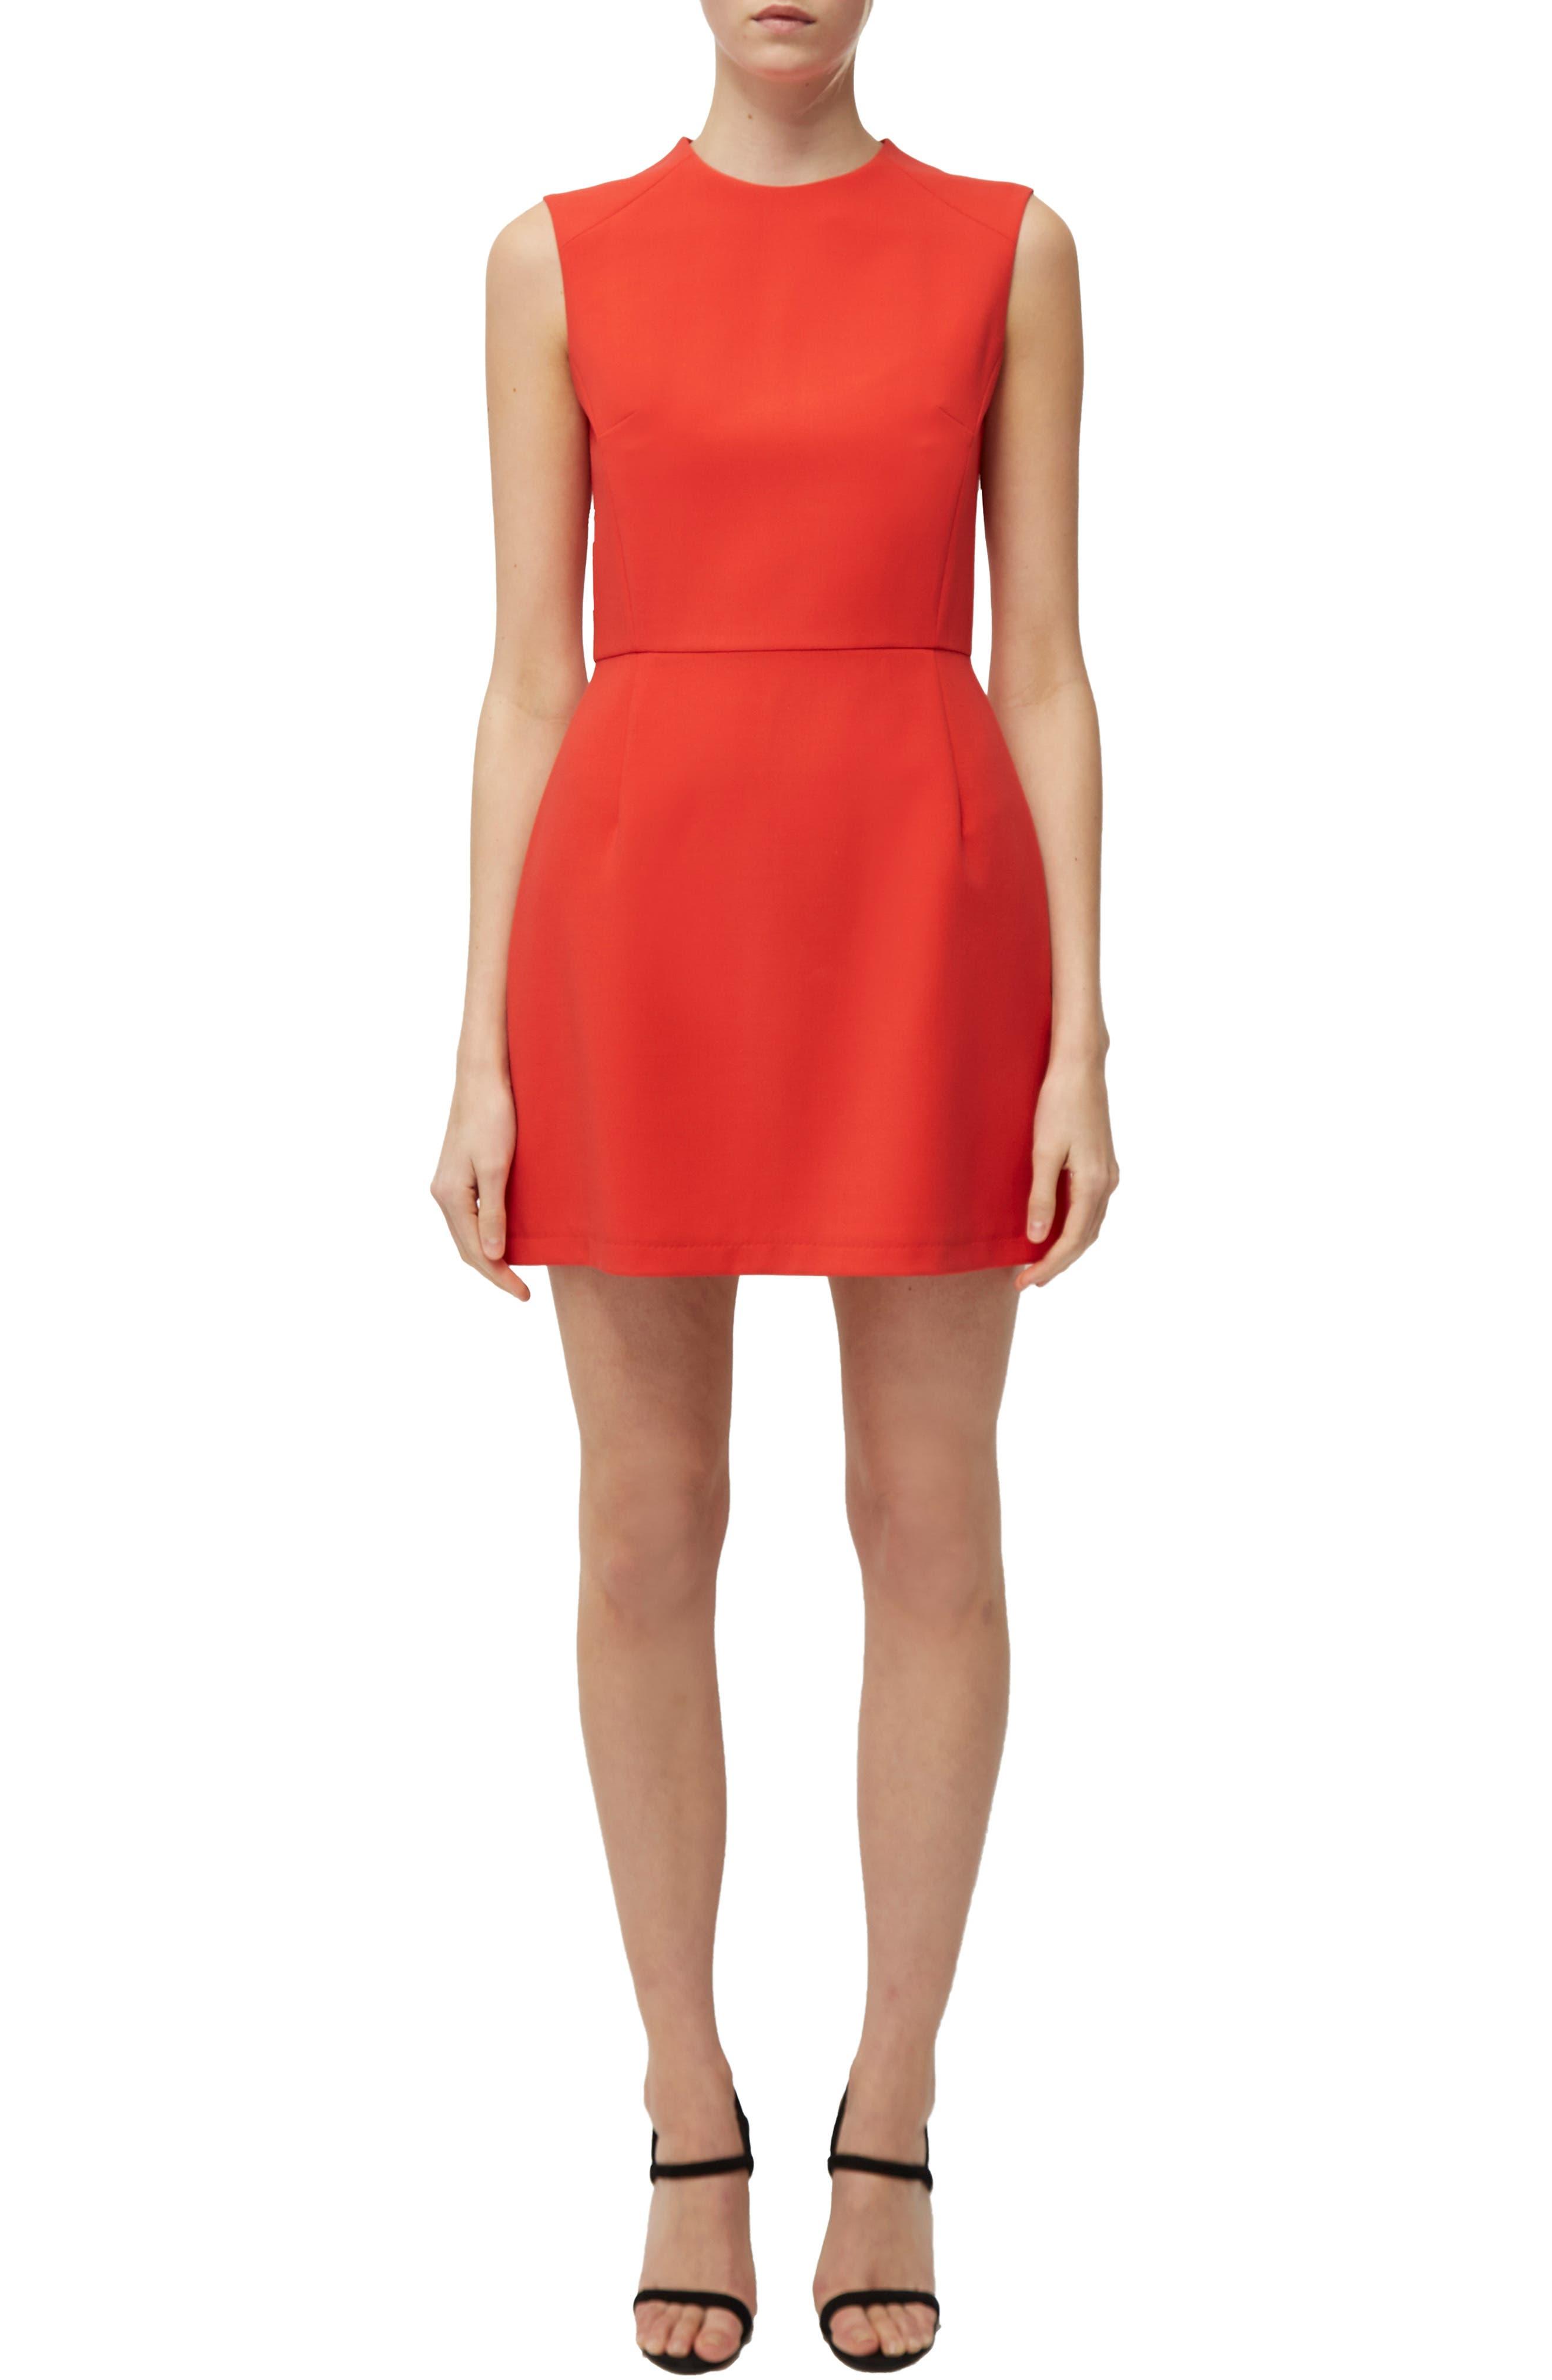 French Connection Sundae Stretch Minidress, Orange